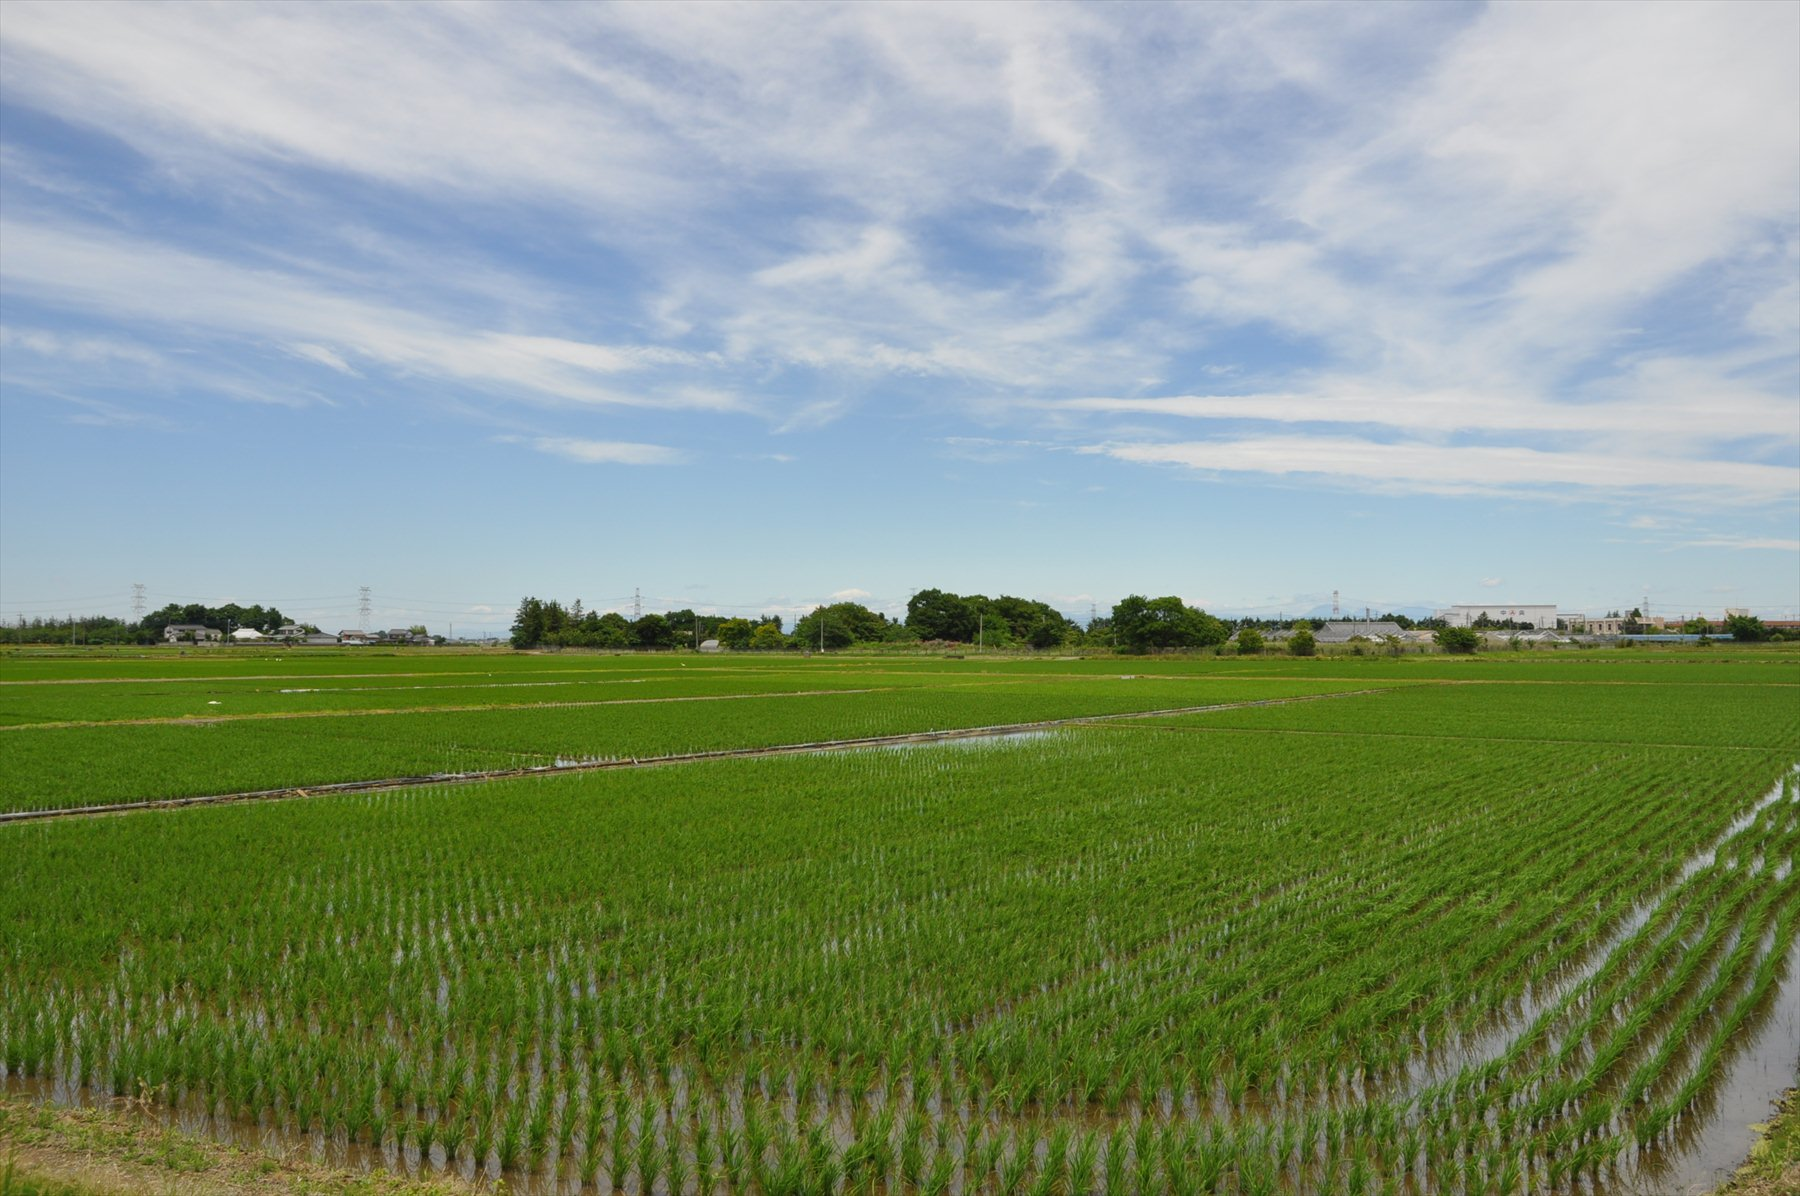 ・埼玉県久喜市 田んぼと白鷺   霊園とお墓のはなし